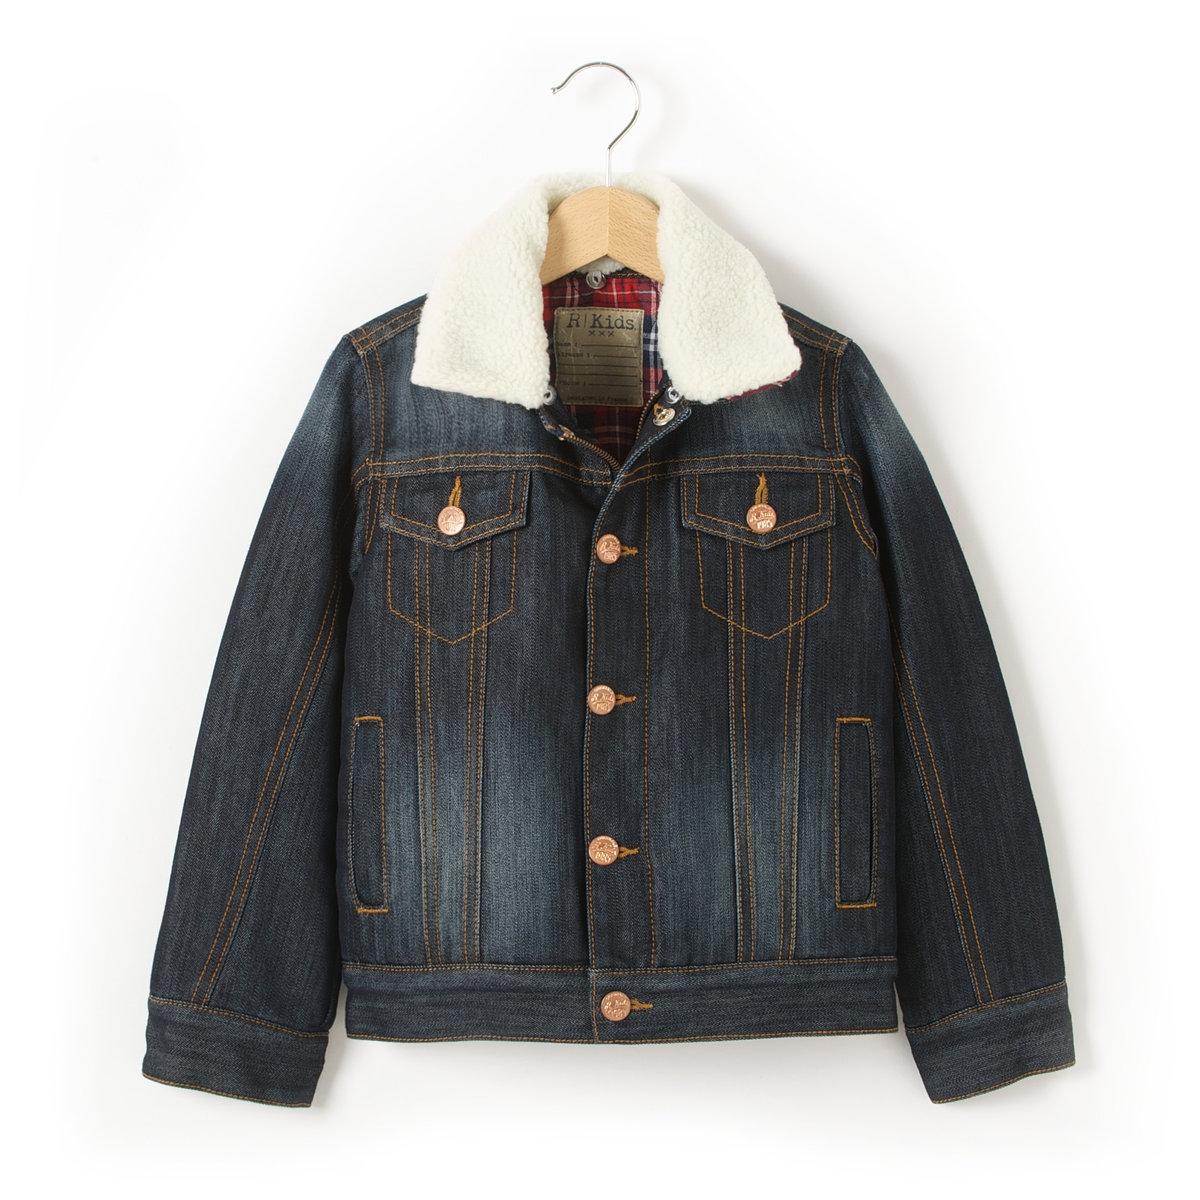 Куртка джинсовая на подкладке, 3-12 летДетали •  Демисезонная модель • Застежка на пуговицы •  Длина : укороченнаяСостав и уход •  58% хлопка, 42% полиэстера   •  Подкладка : 100% хлопок •  Температура стирки 40°   •  Сухая чистка и отбеливание запрещены •  Барабанная сушка на деликатном режиме • Средняя температура глажки.<br><br>Цвет: темно-синий<br>Размер: 3 года - 94 см.4 года - 102 см.5 лет - 108 см.8 лет - 126 см.12 лет -150 см.10 лет - 138 см.6 лет - 114 см